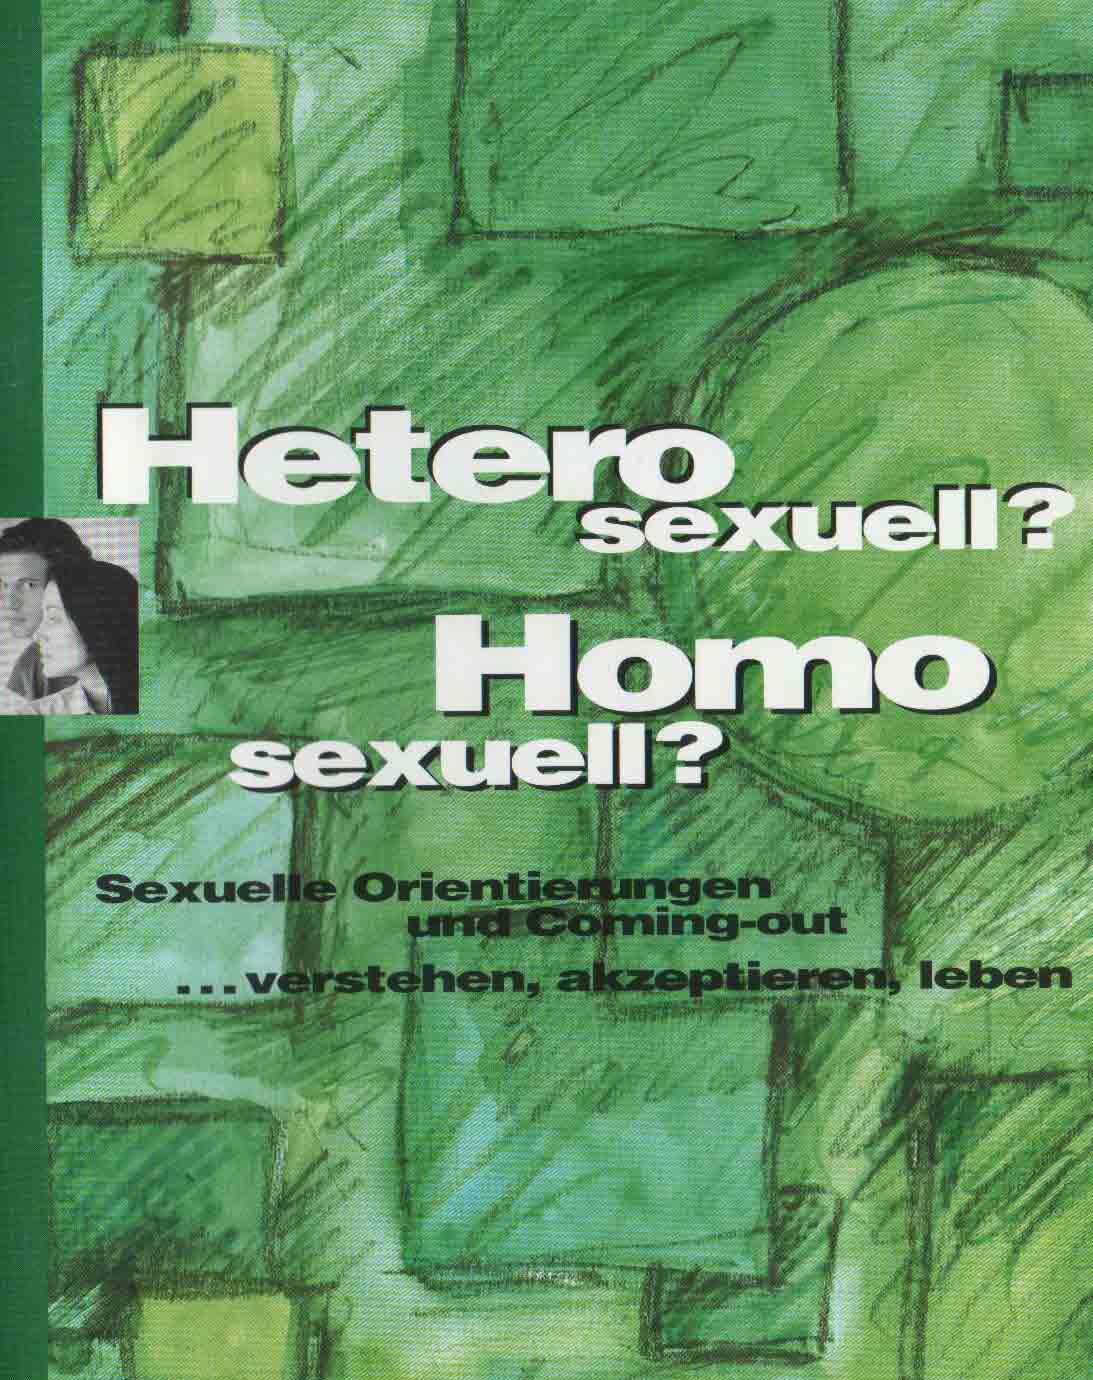 Hetero oder Homosexuell? Broschüre (c) bzga.de